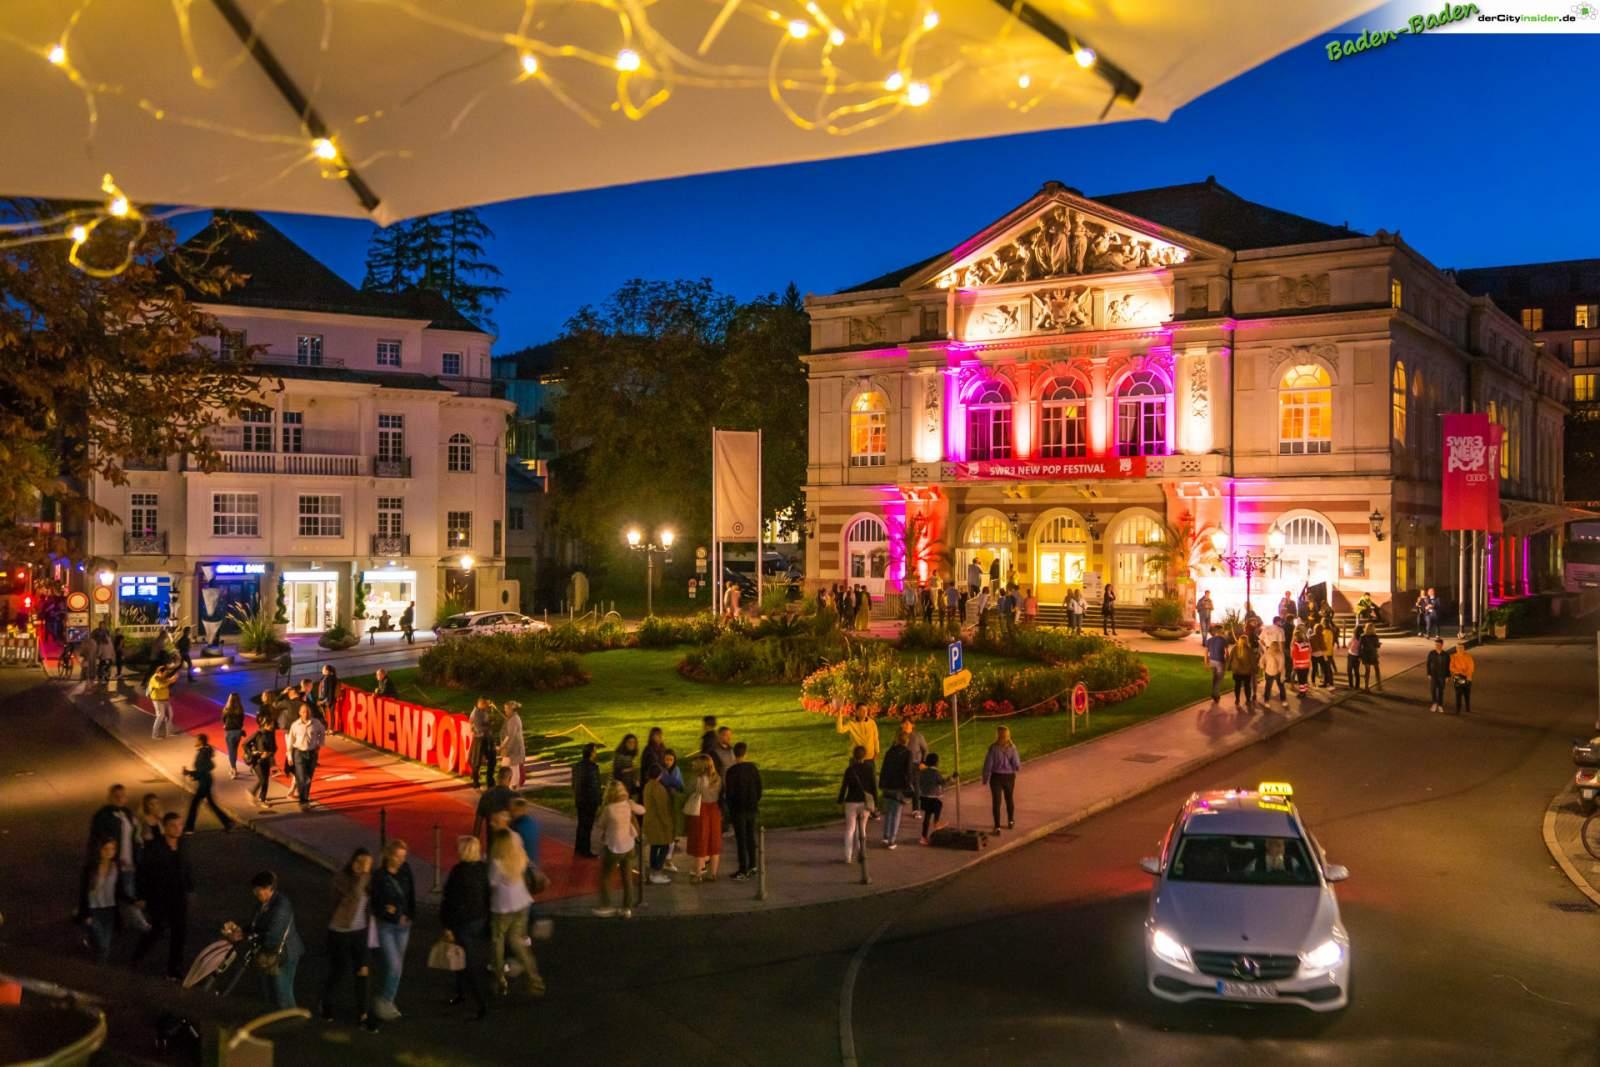 Fest Baden Baden